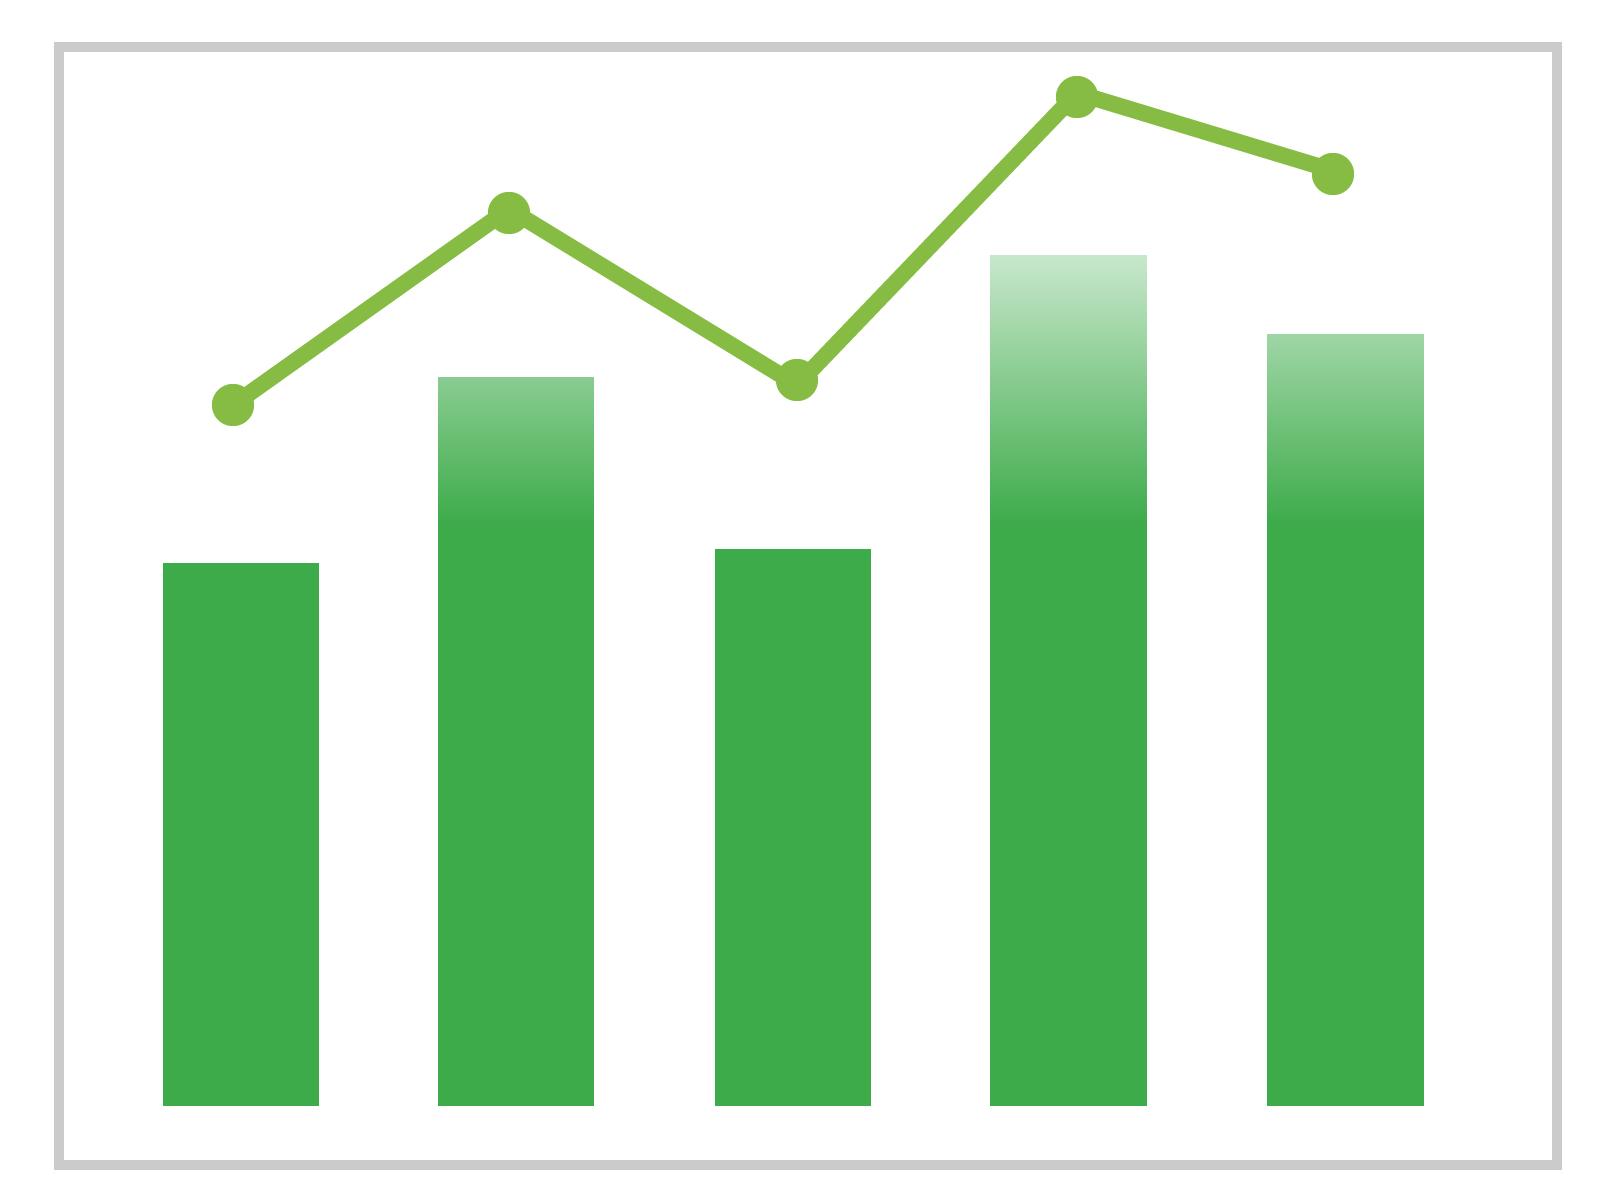 2015年12月期第1四半期の業績を発表